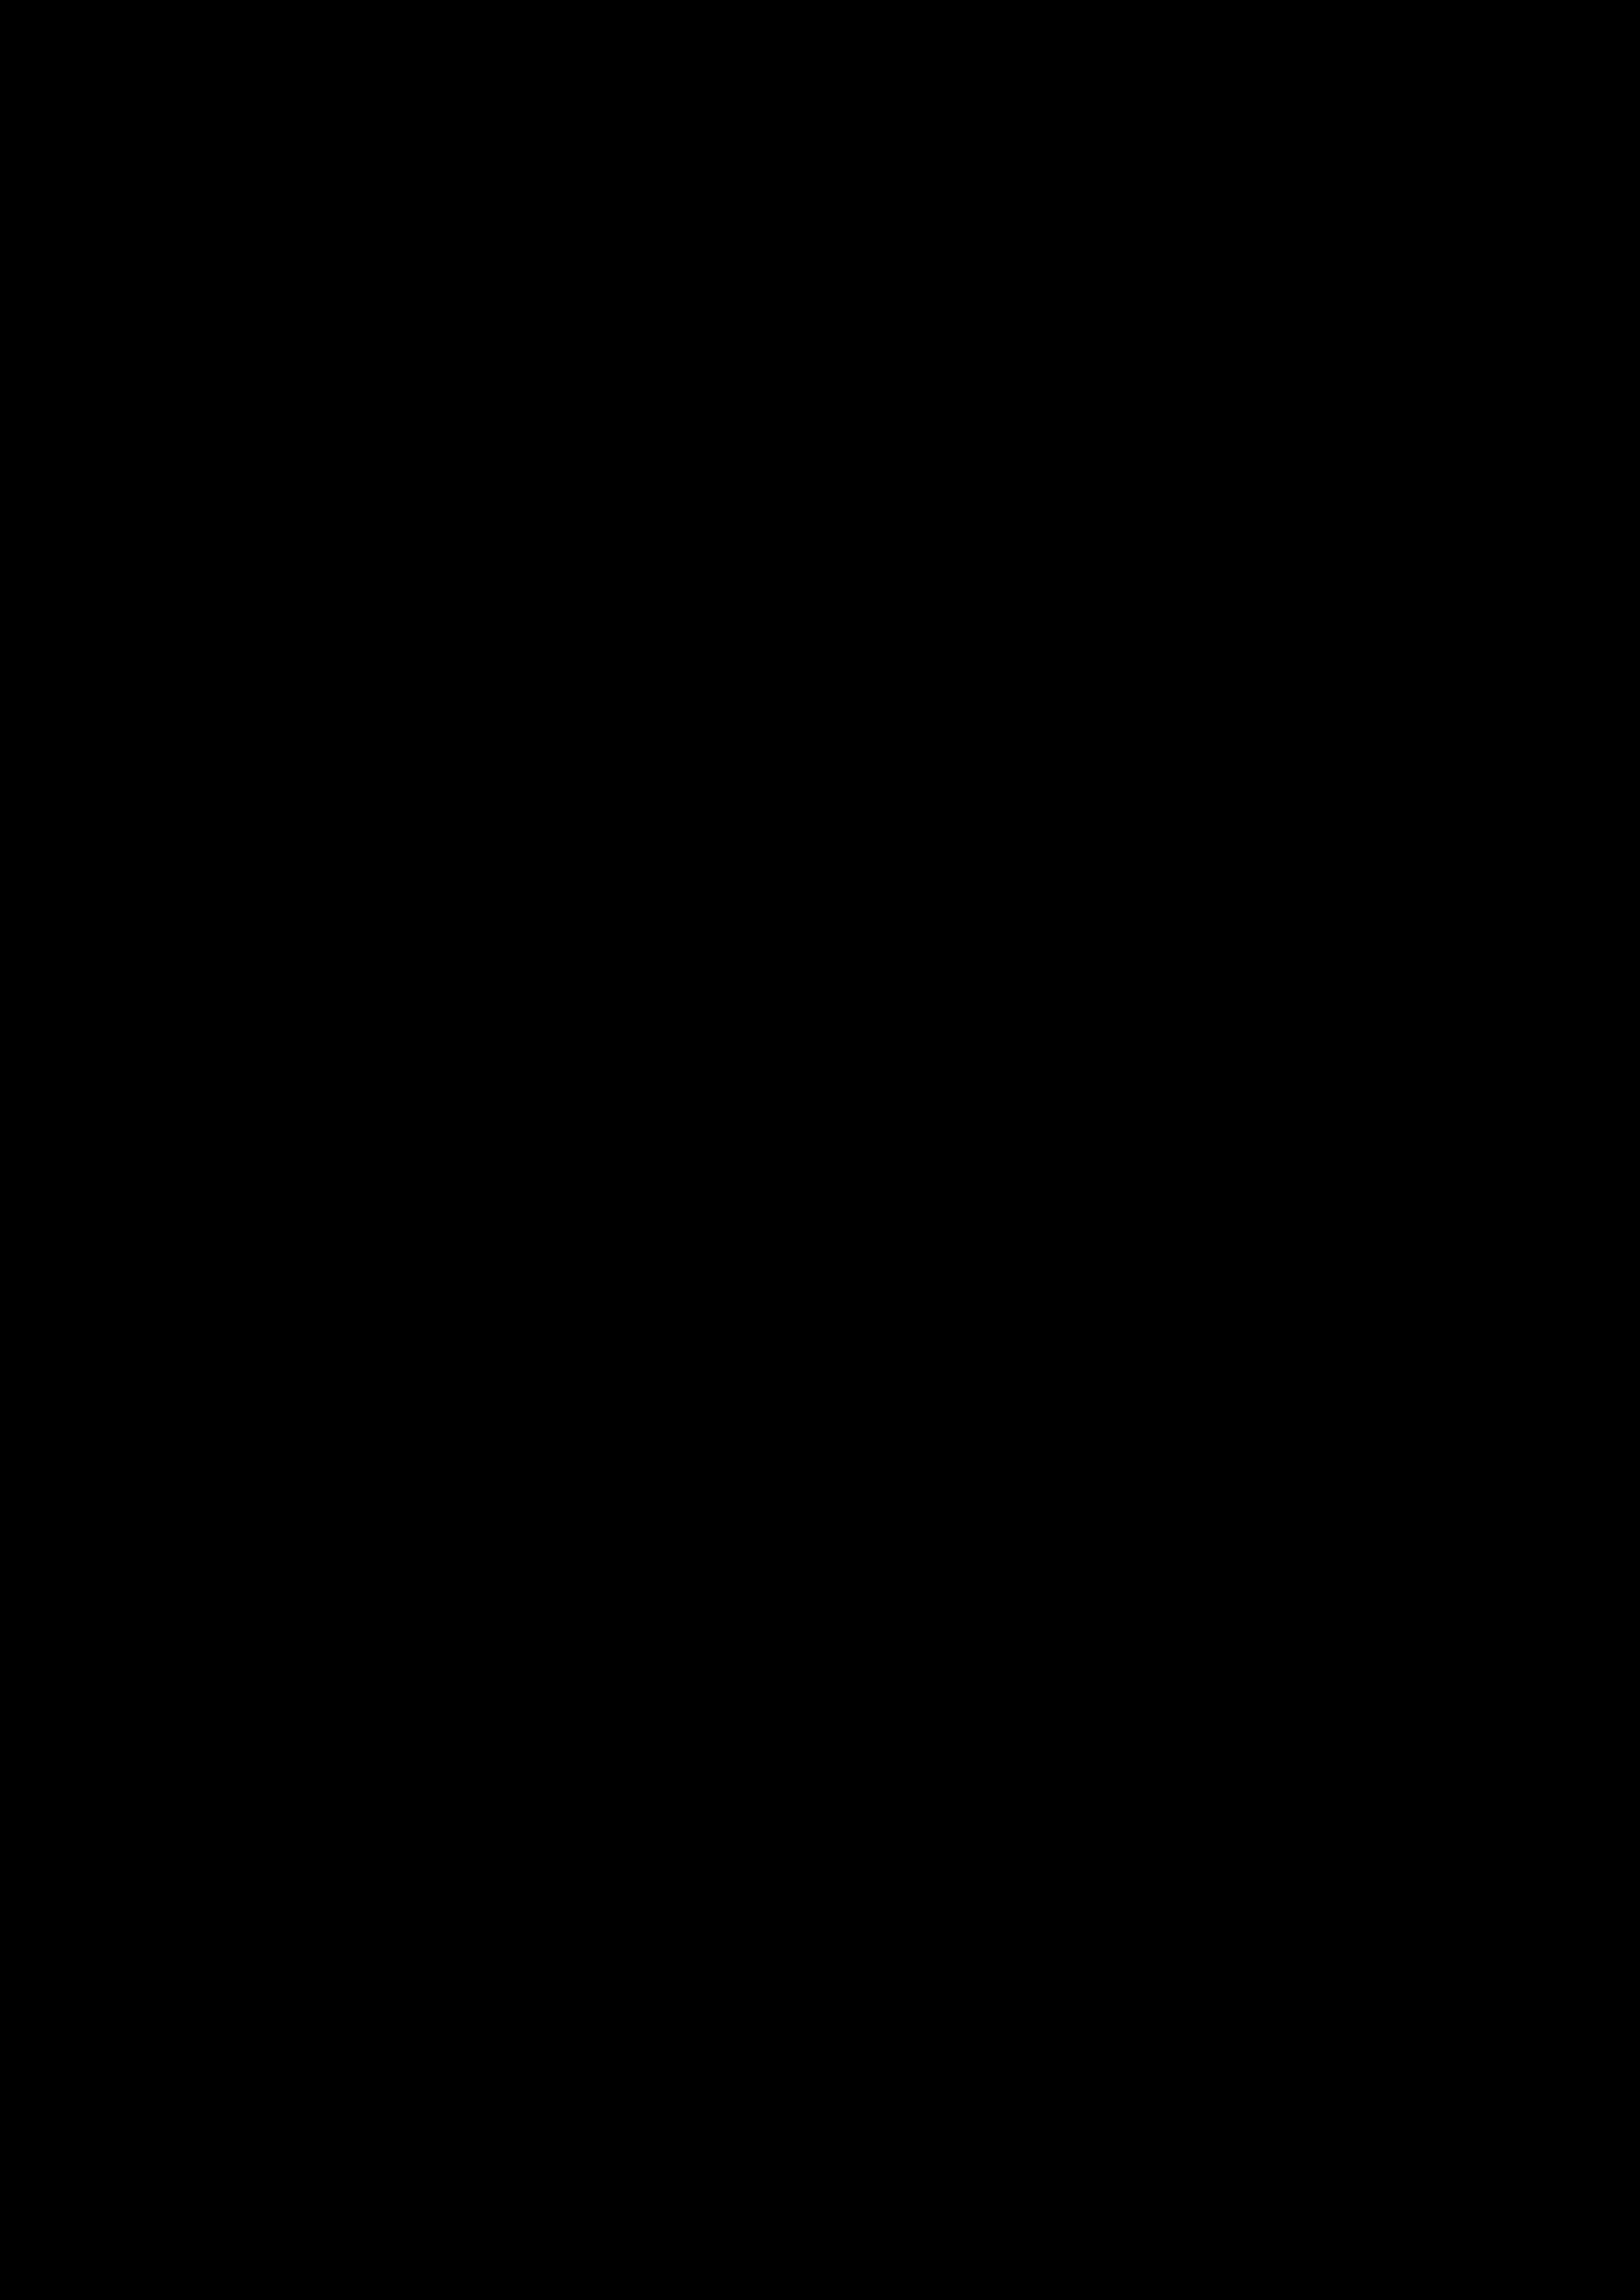 种间地下竞争:如何探寻这场熟悉而又难以理解的植物大战(作者:吴骏恩&曾欢欢)